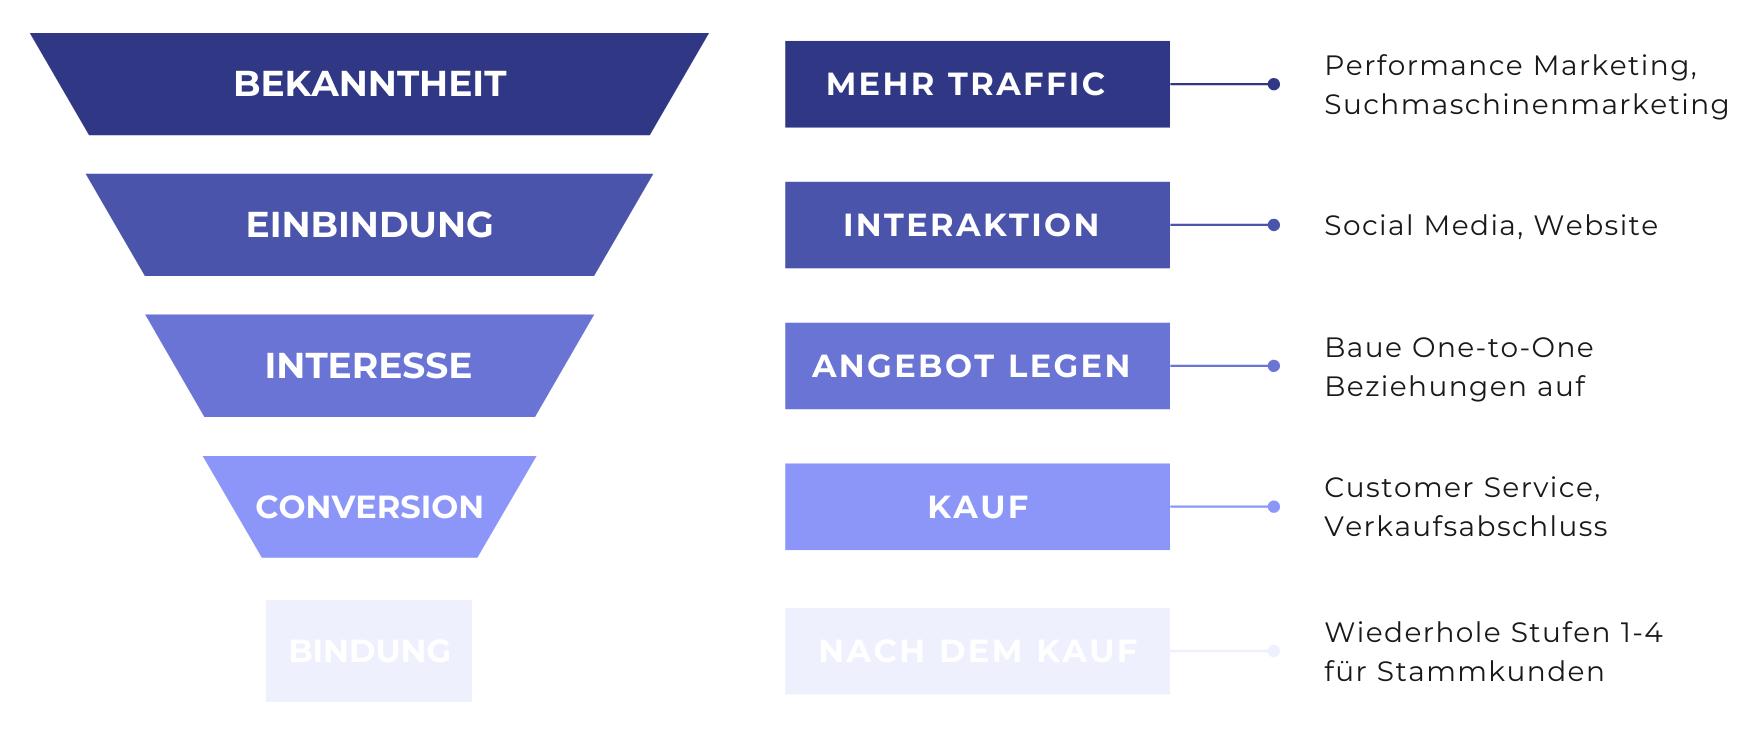 Phasen eines Sales Funnels: Aufmerksamkeit, Einbindung, Interesse, Konversion, Bindung